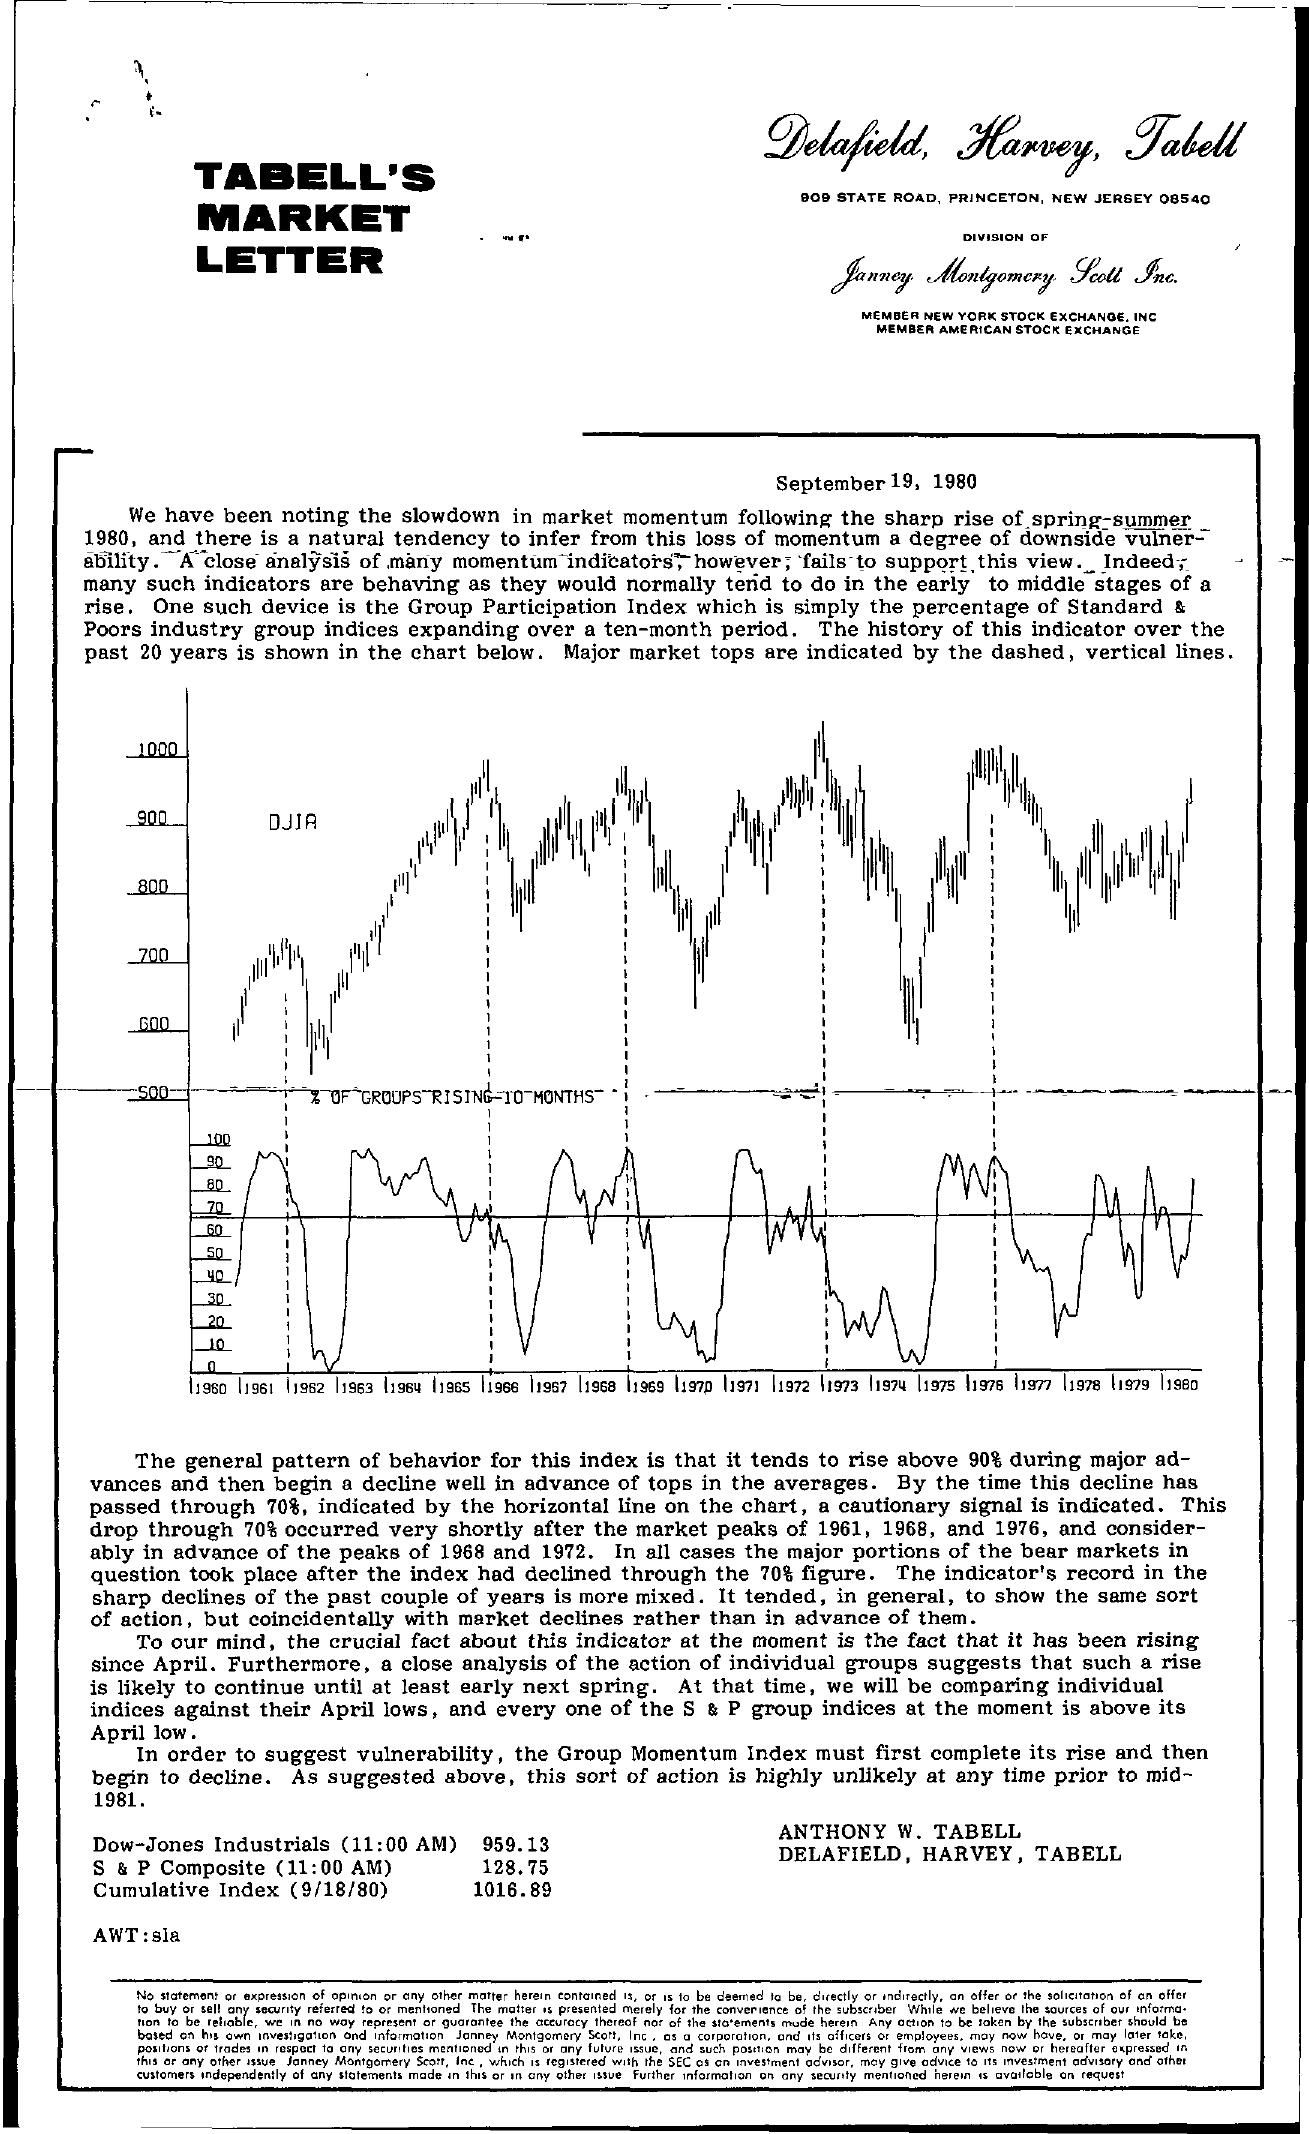 Tabell's Market Letter - September 19, 1980